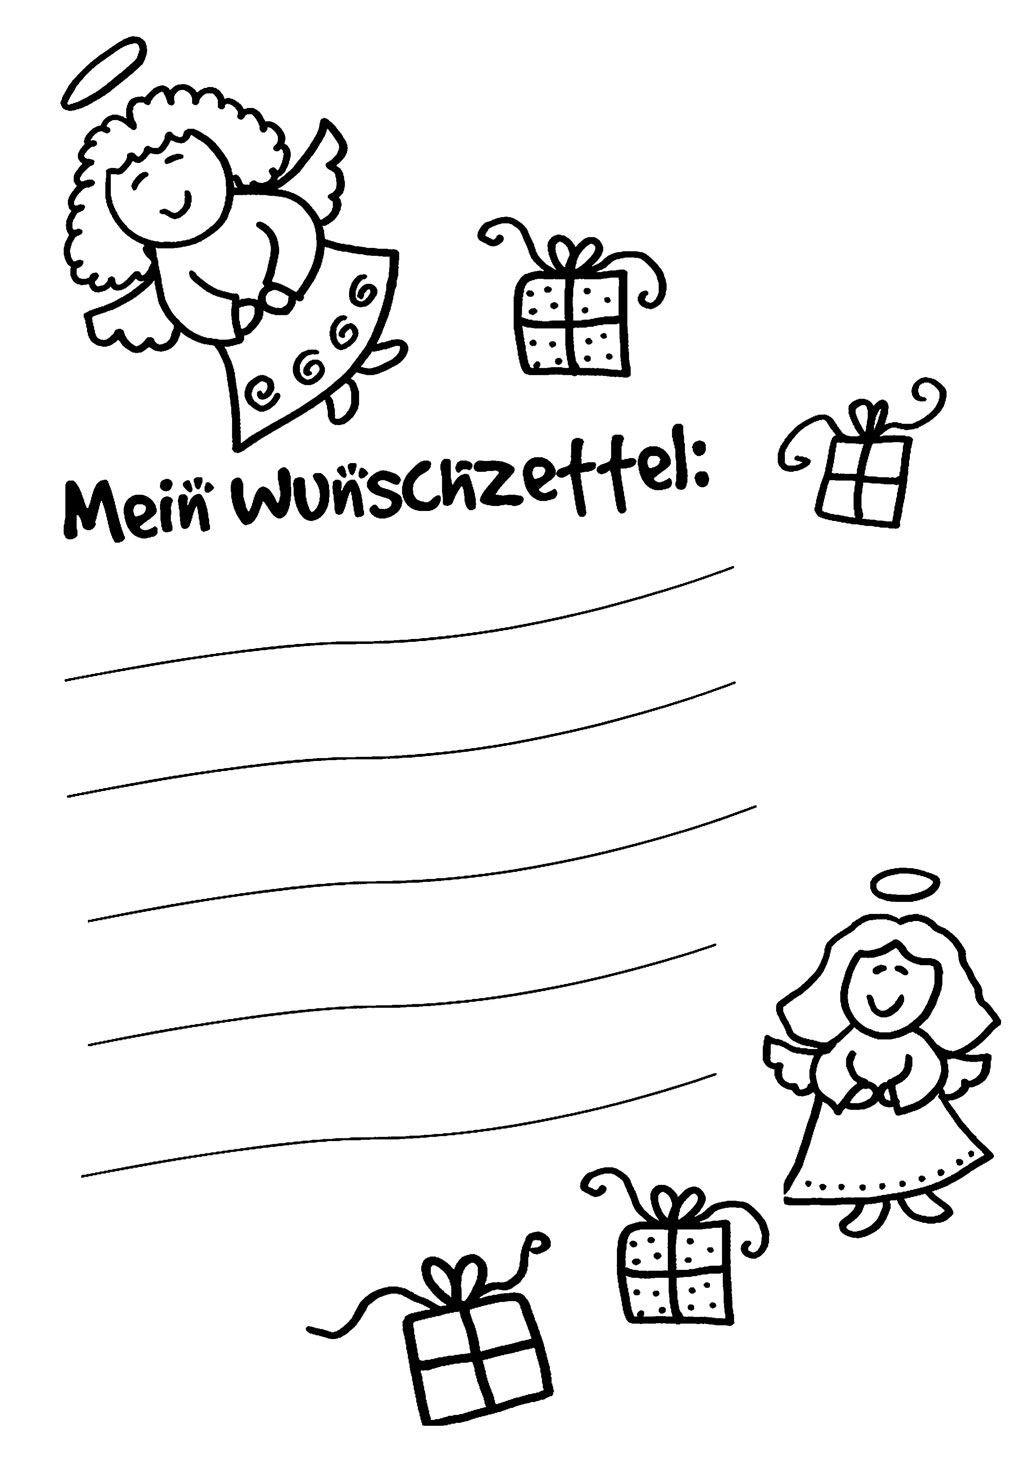 Ausmalbilder Weihnachten Muster Genial Malvorlage Wunschzettel Für Weihnachten Sammlung